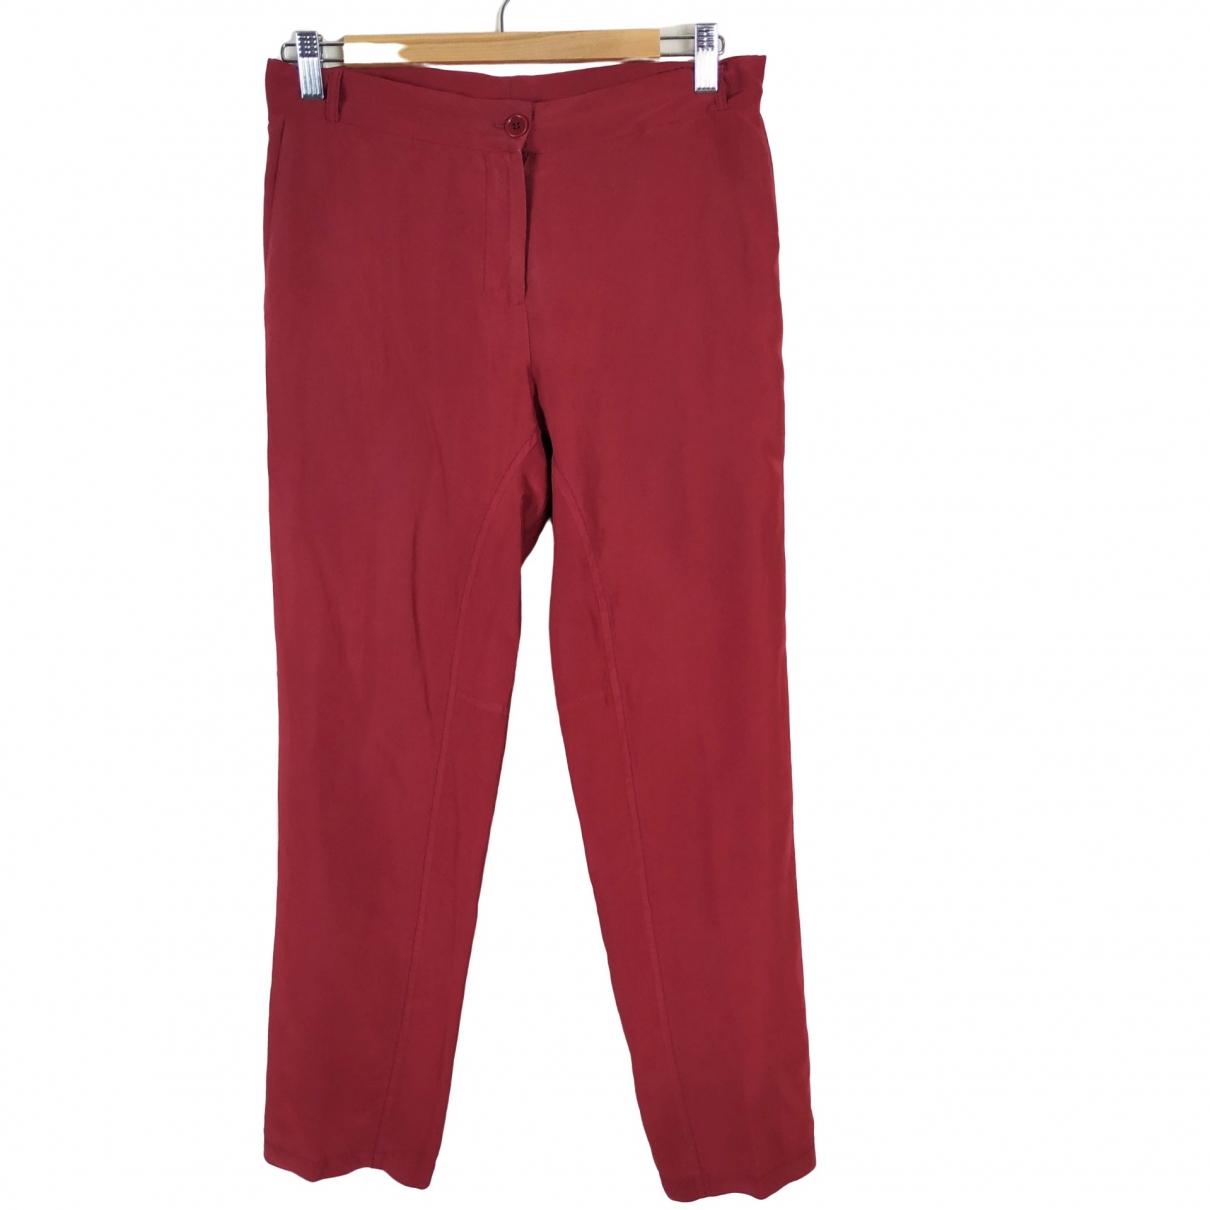 Pantalon zanahoria de Seda Non Signe / Unsigned